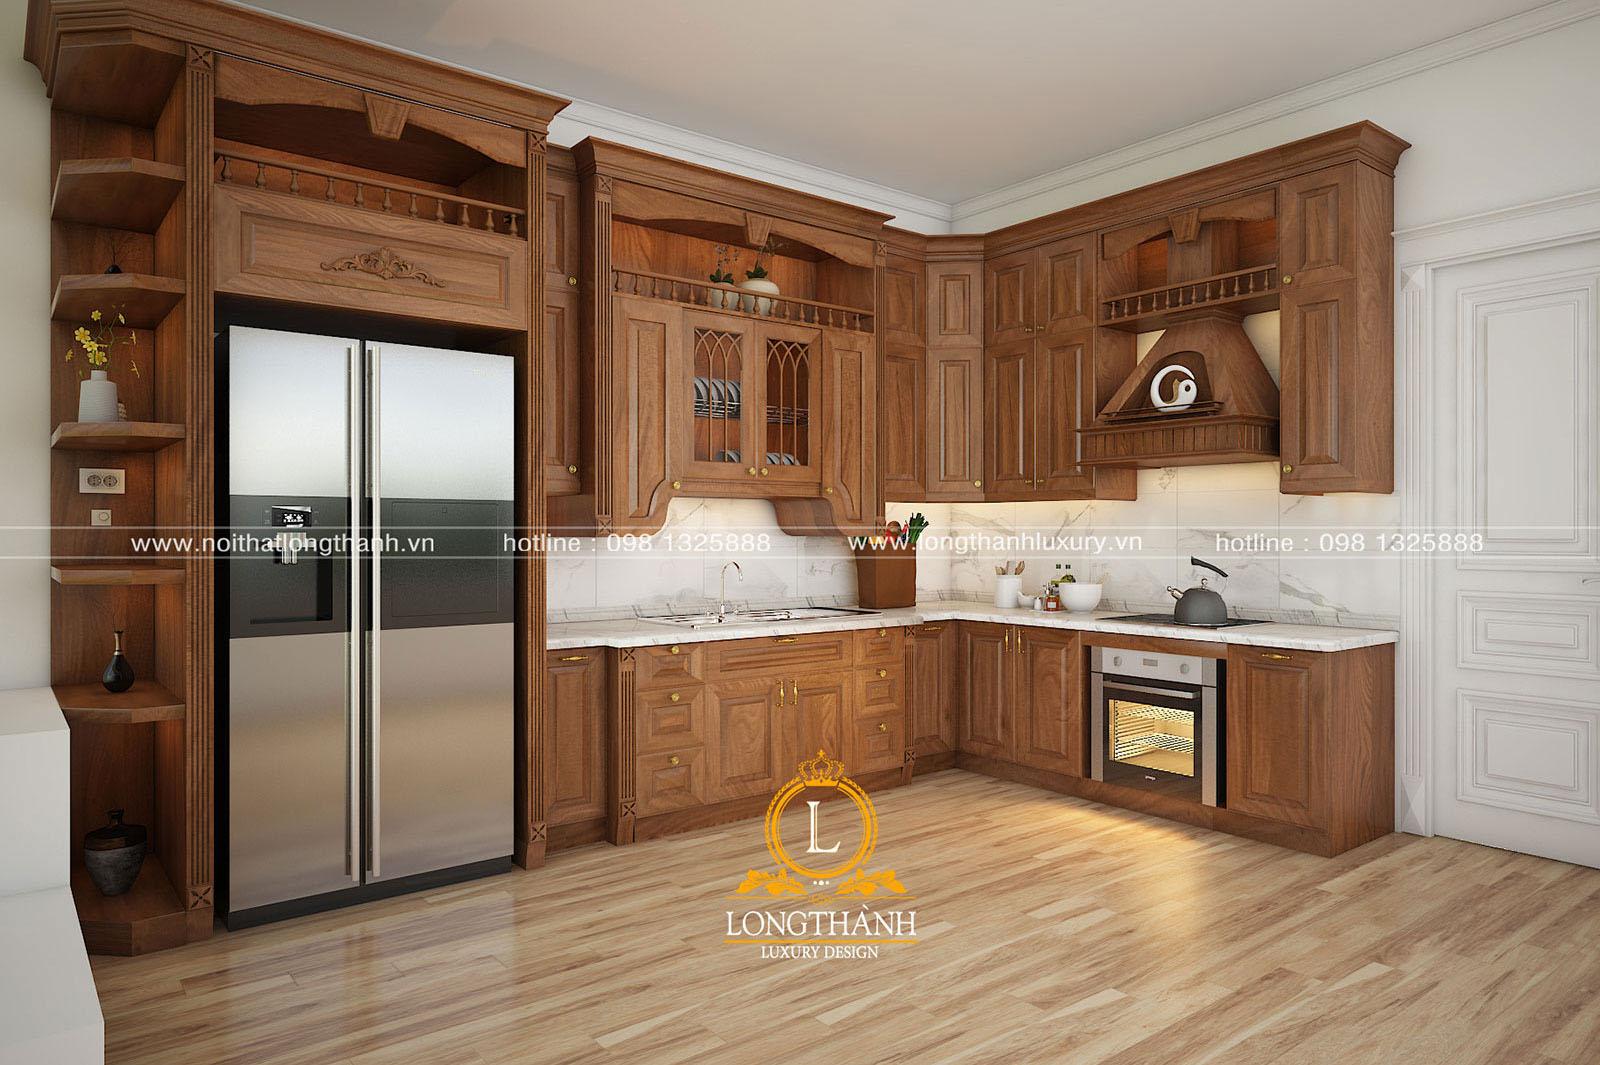 Mẫu tủ bếp gỗ tự nhiên đẹp LT 54 góc nhìn thứ 1